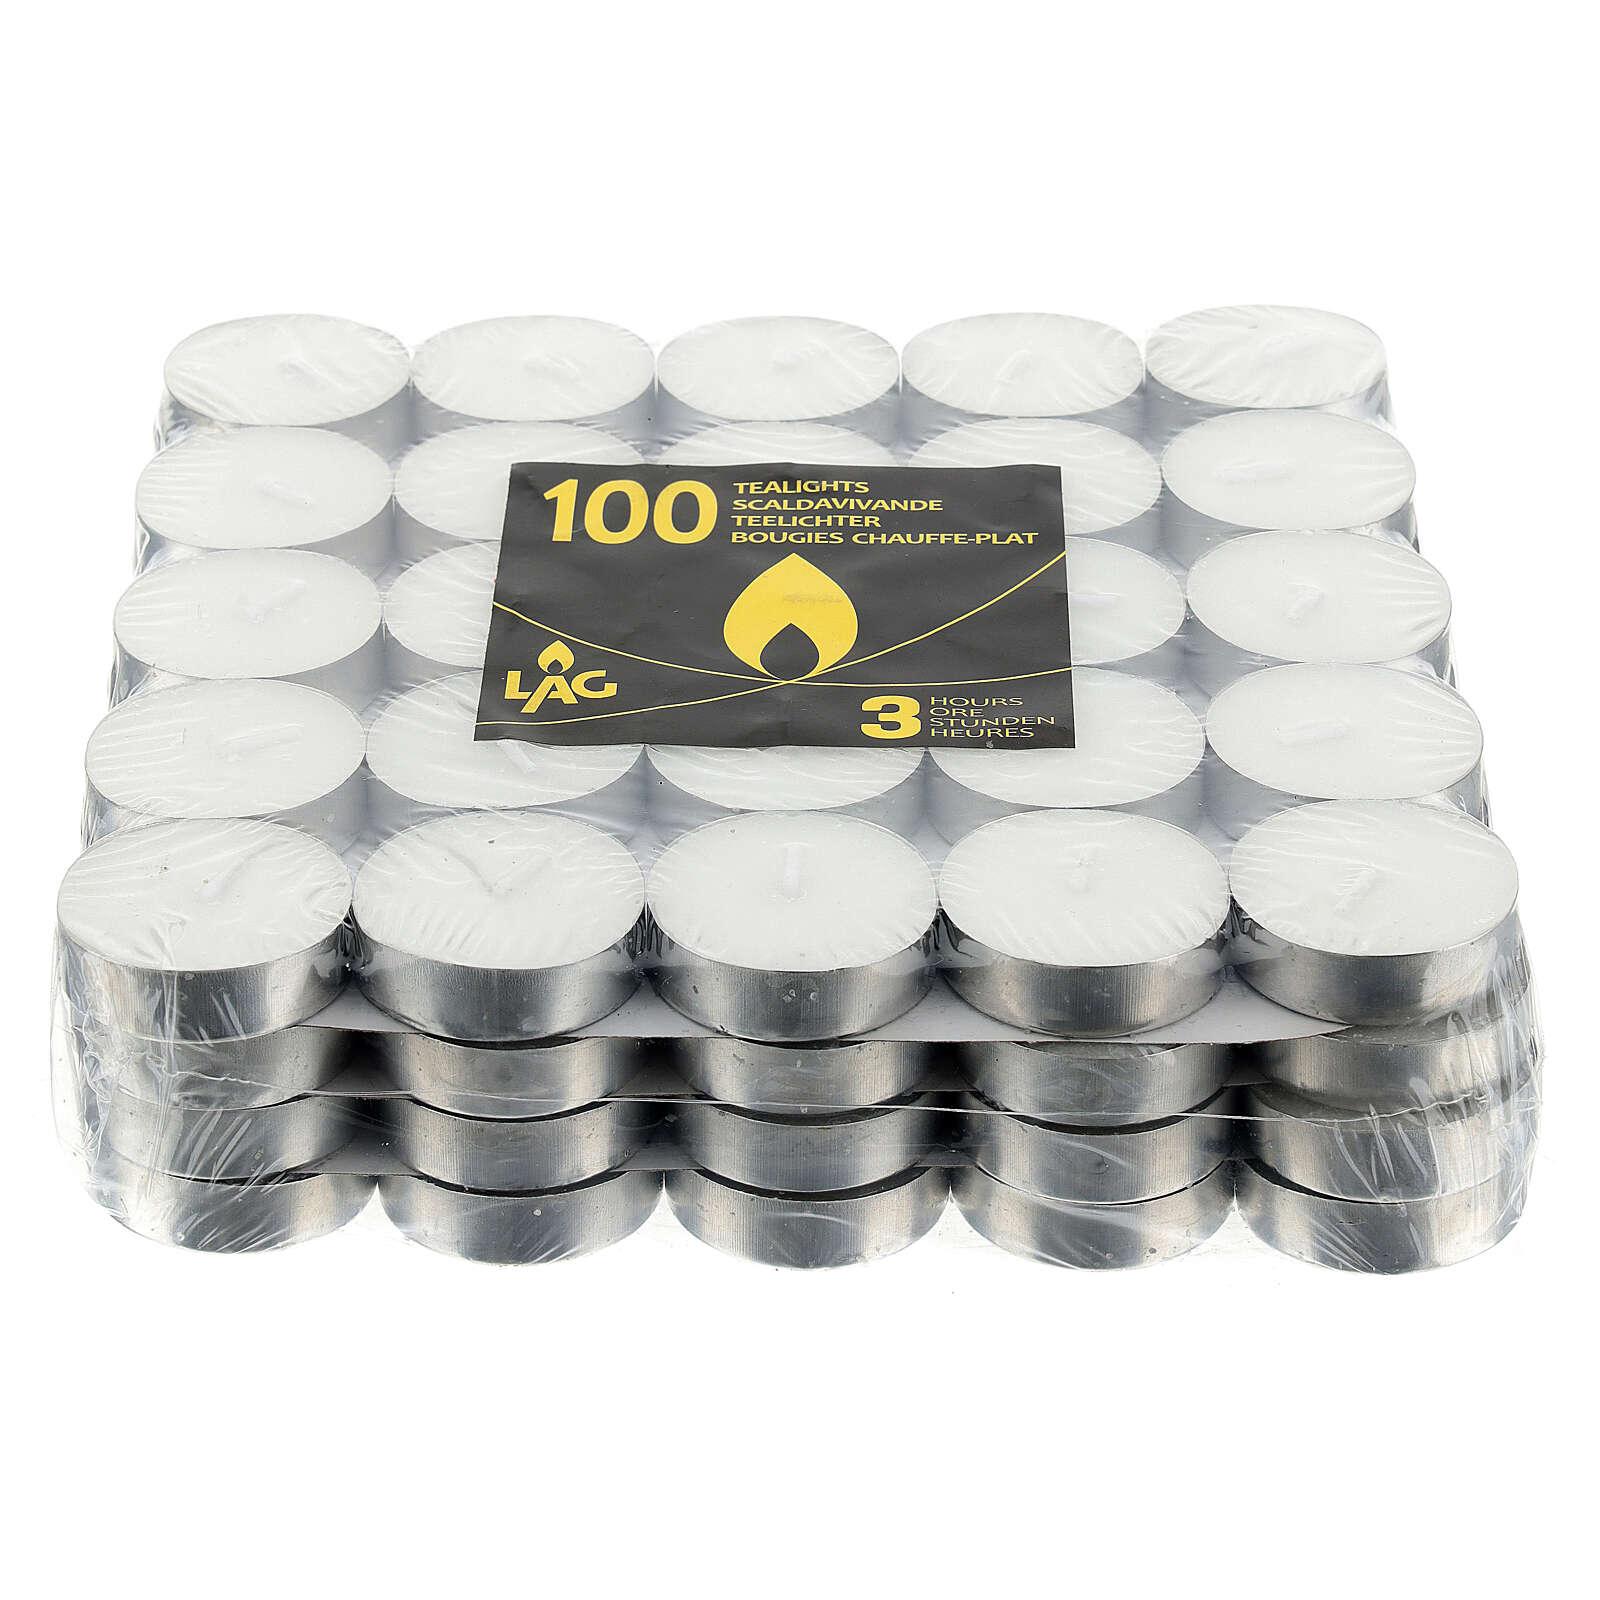 Vela 2,30 horas - Tealight 10 g - Paquete de 100 velas 3